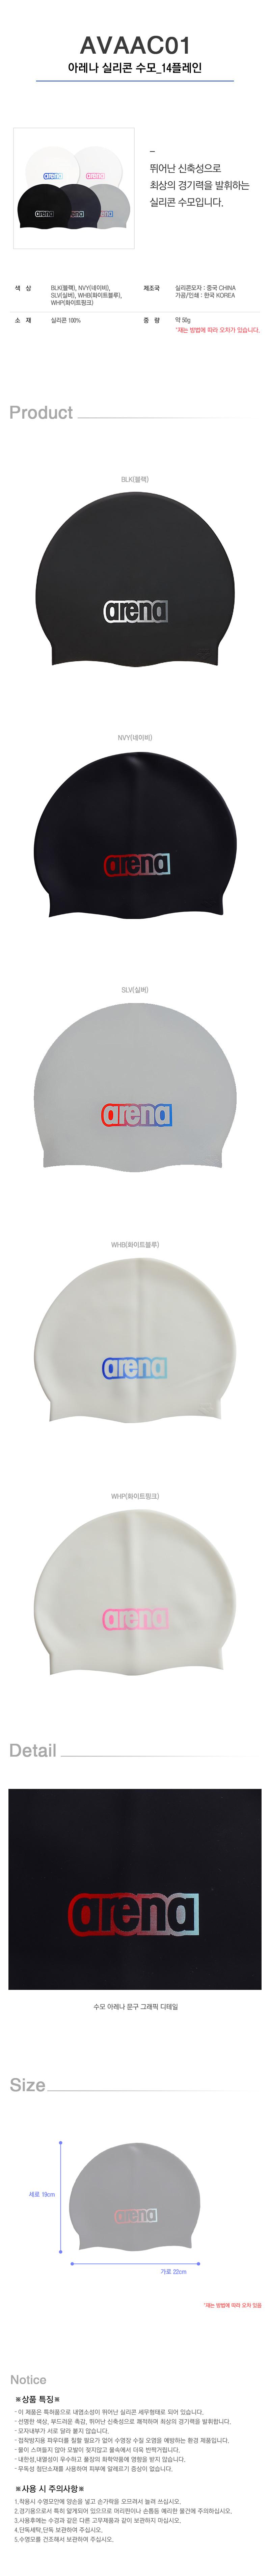 아레나(ARENA) 공용 실리콘수모 수영용품 AVAAC01